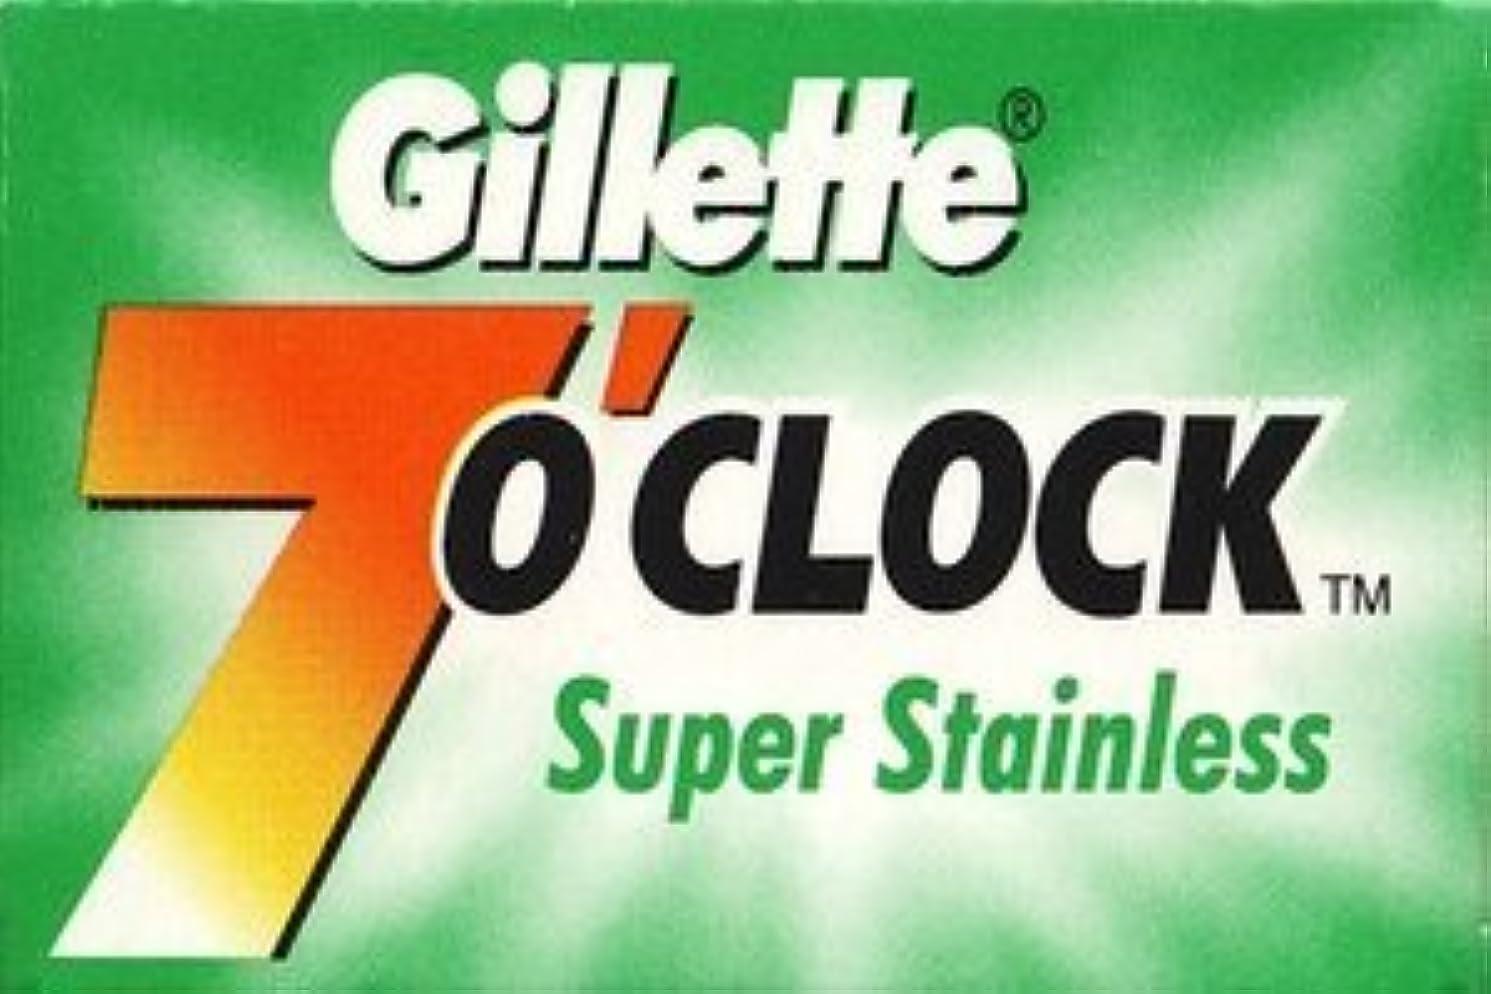 マニフェスト伸ばすダブルGillette 7 0'Clock Super Stainless 両刃替刃 5枚入り(5枚入り1 個セット)【並行輸入品】